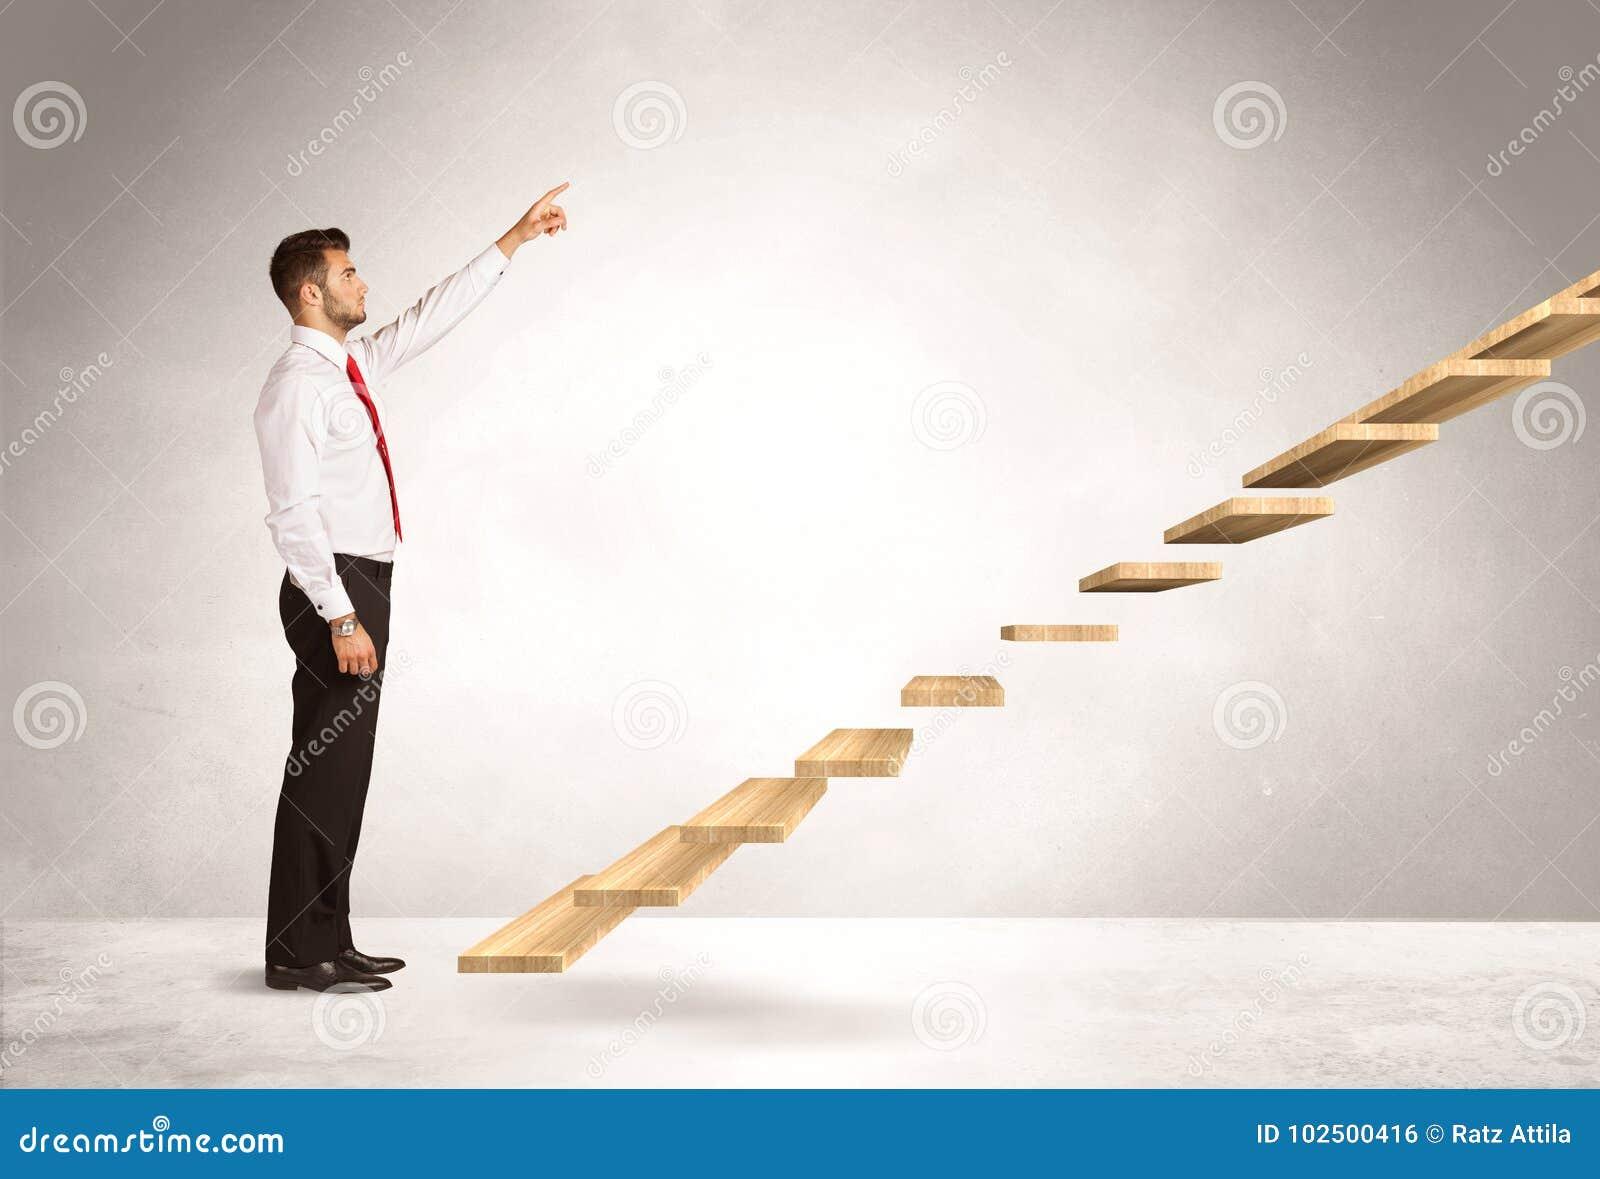 Steigerung eines Treppenhauses